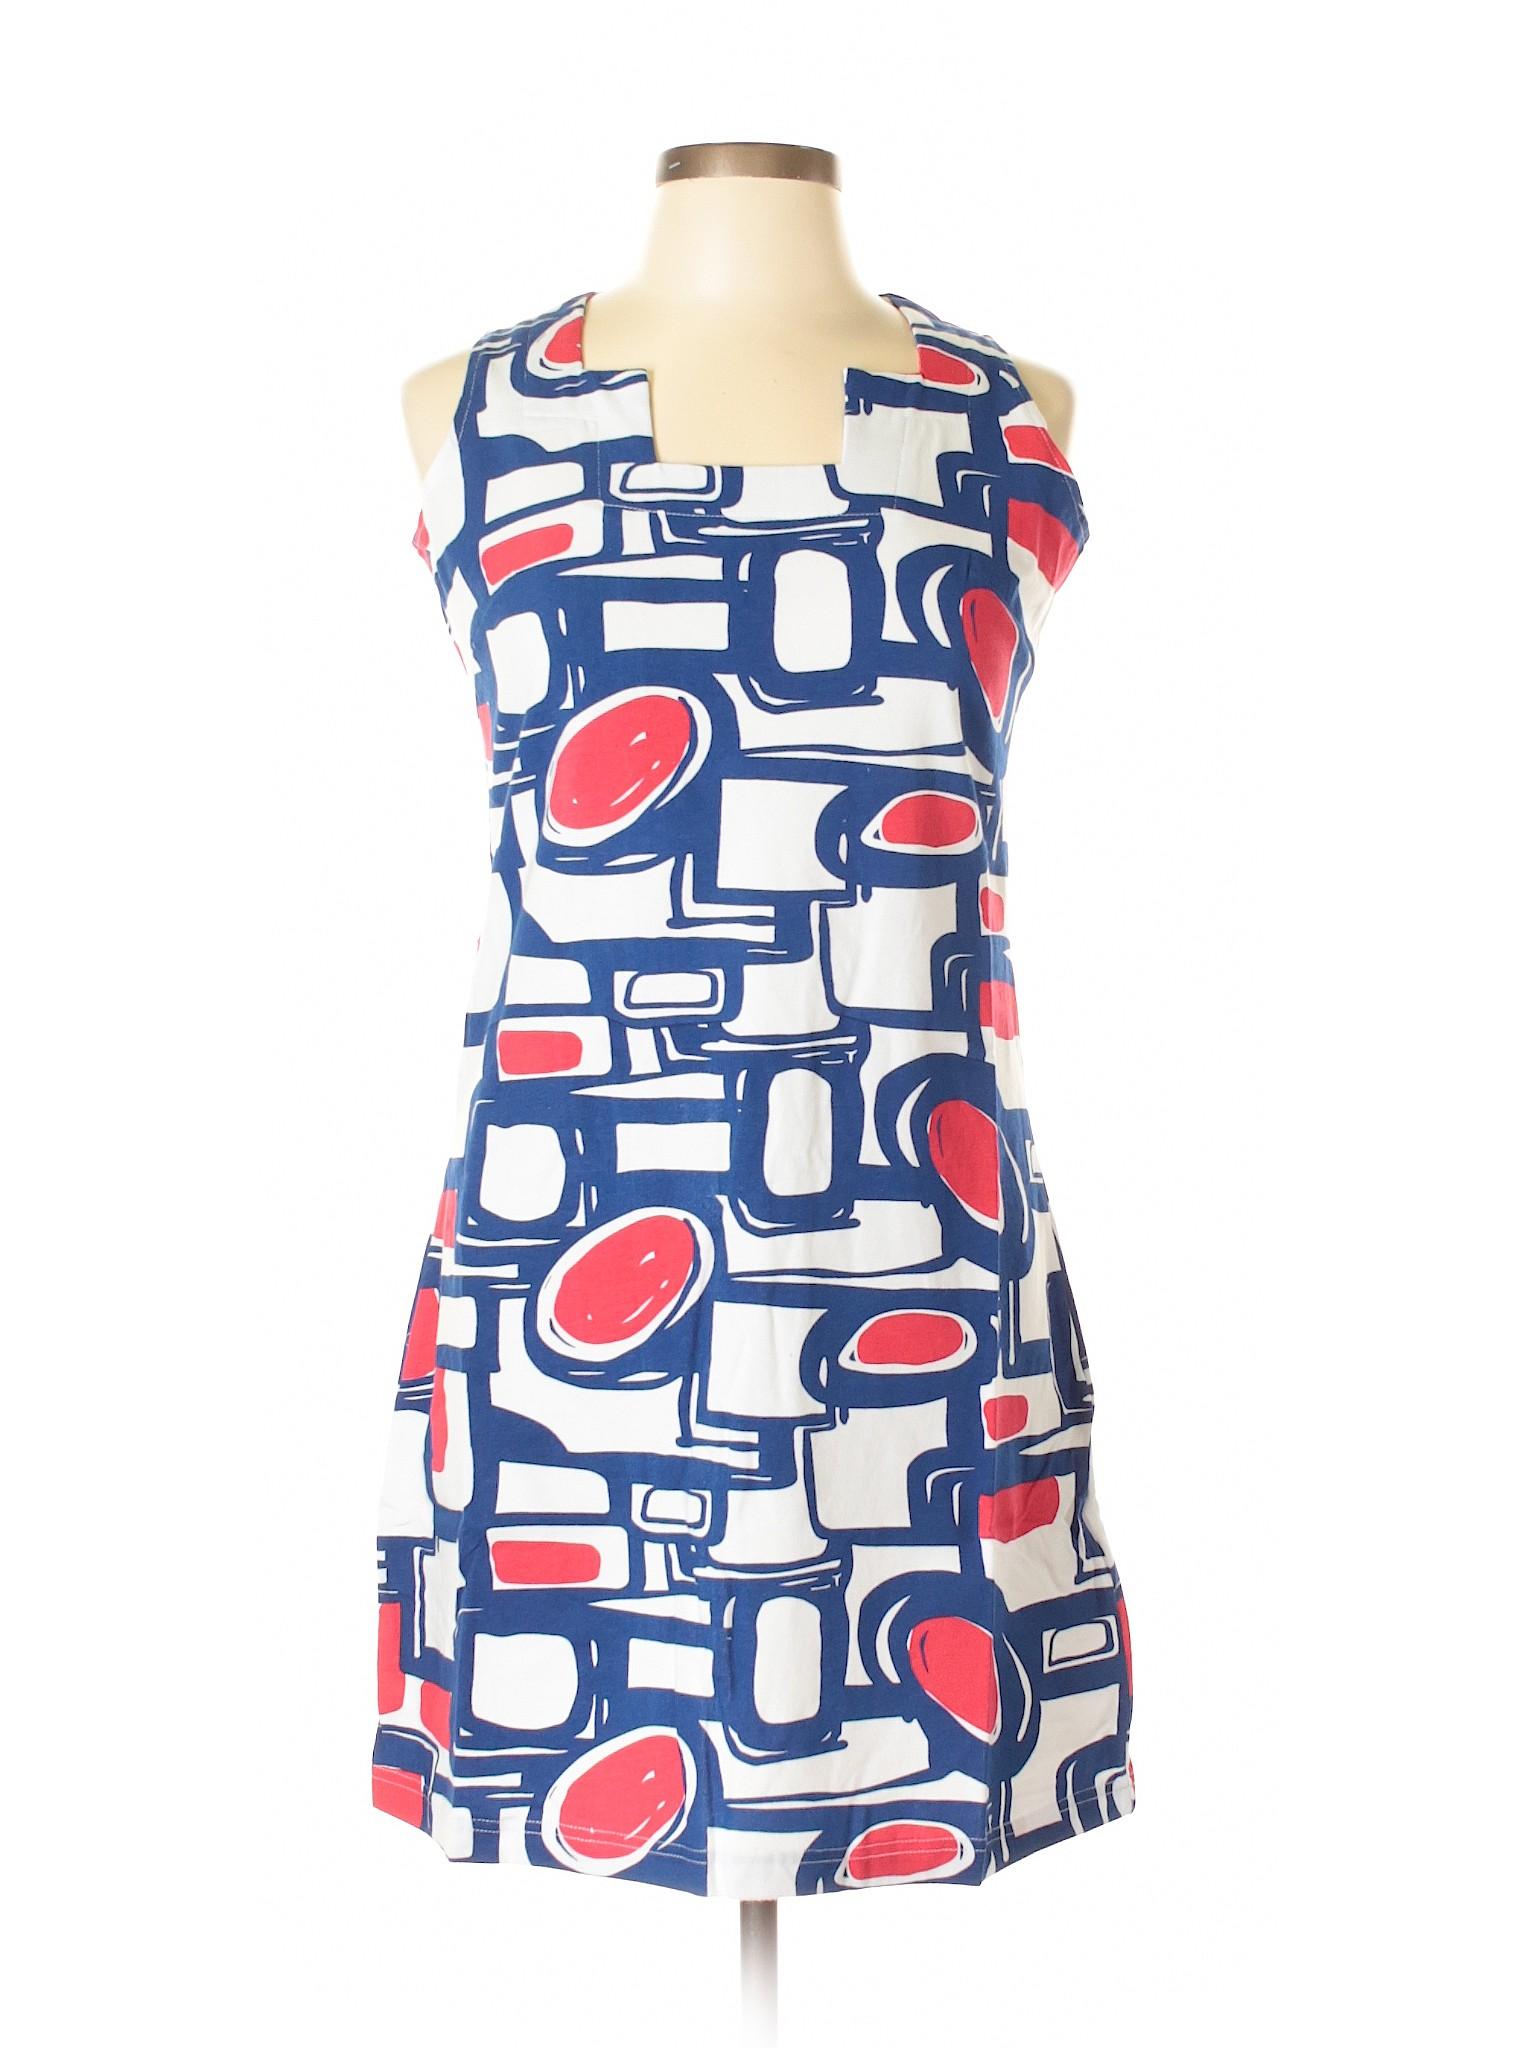 NEGOSHIAN Dress NEGOSHIAN Selling Casual NEGOSHIAN Casual Casual Dress TRACY Dress TRACY Selling Selling Selling TRACY nx7qC0wXa